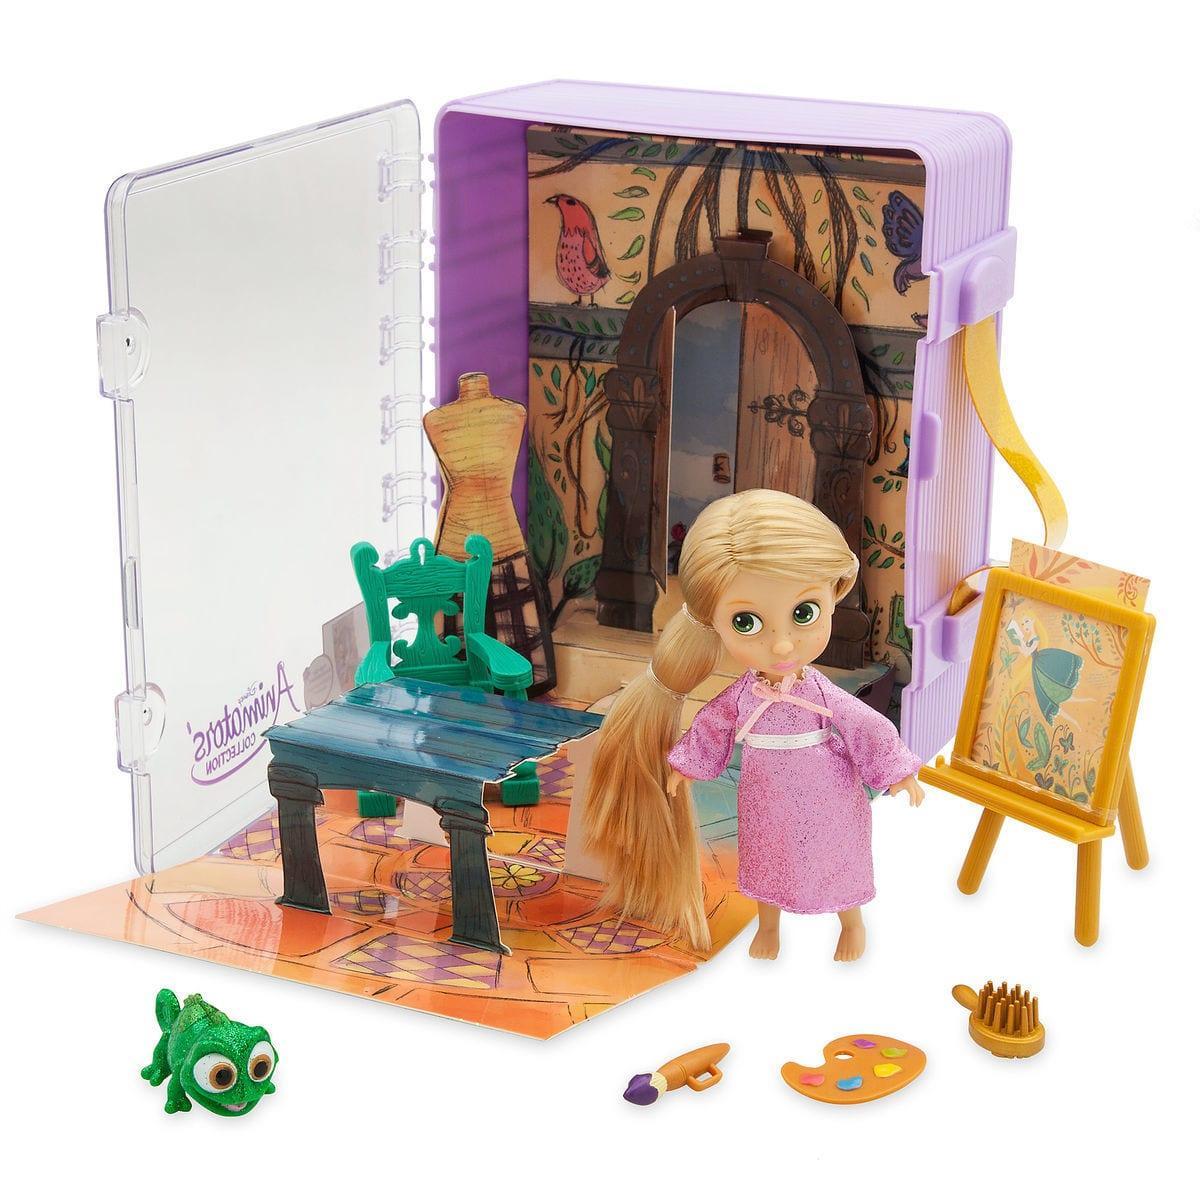 Disney animators мини аниматоры Рапунцель с хамелеоном Паскалем в чемоданчике collection mini doll play set